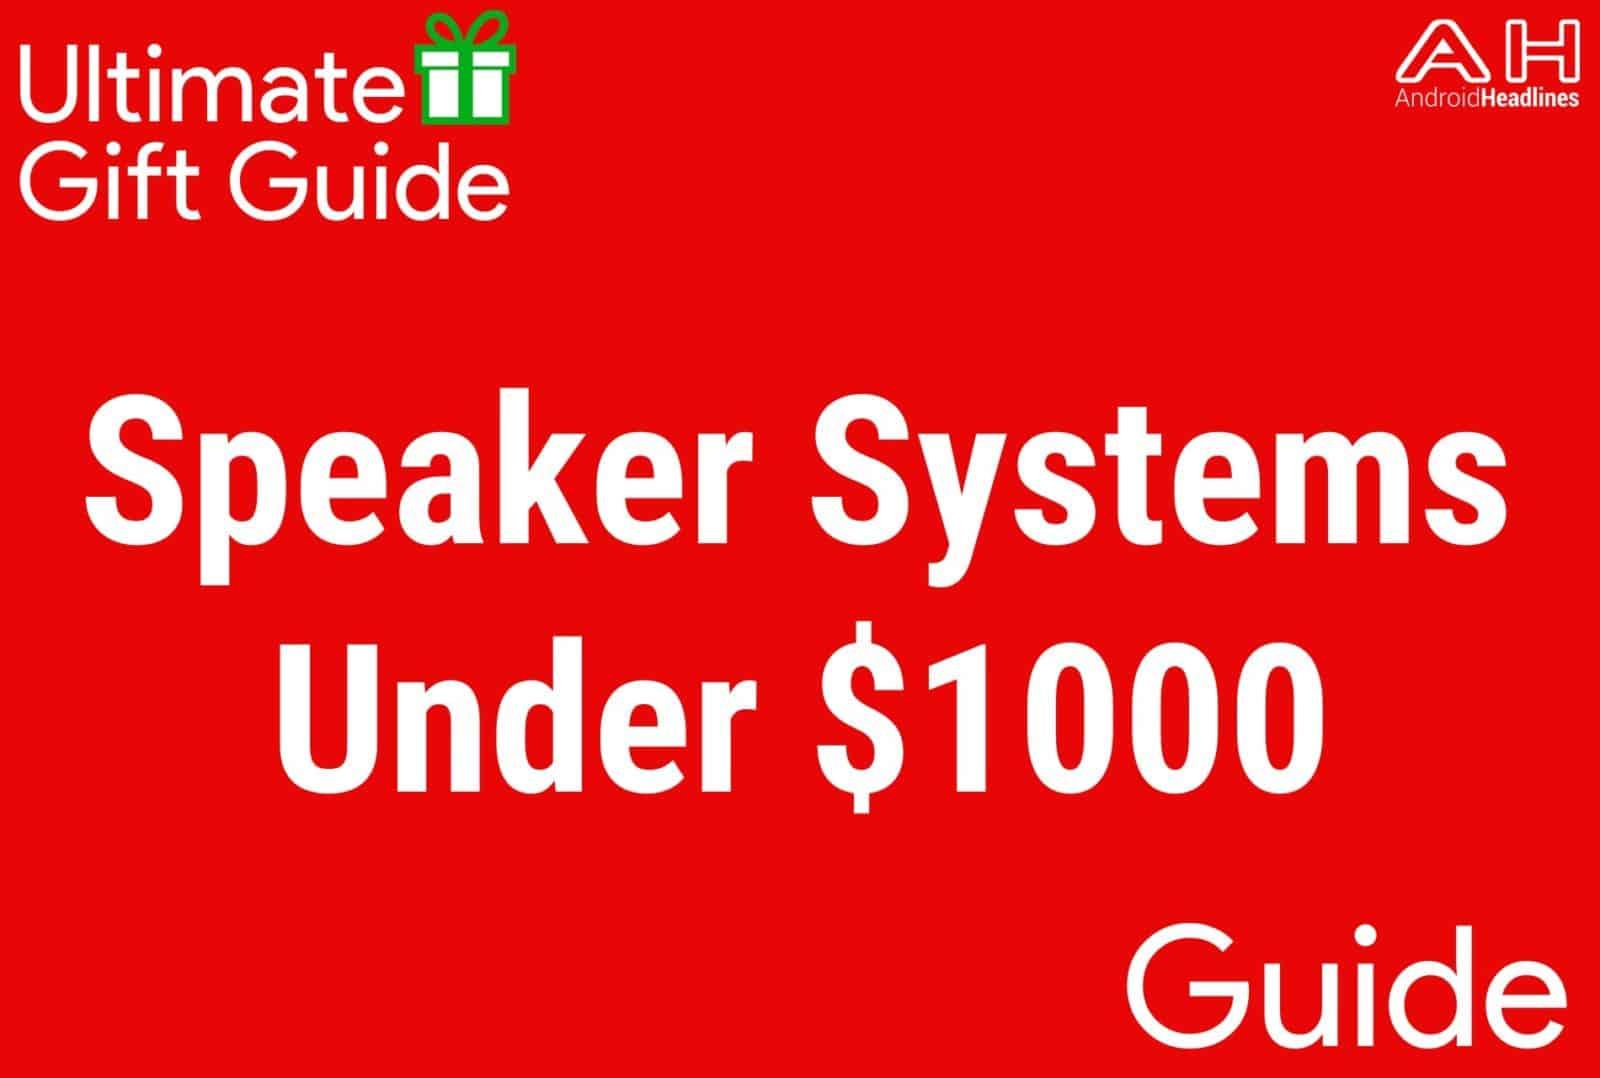 Speaker Systems Under $1000 - Gift Guide 2015-2016